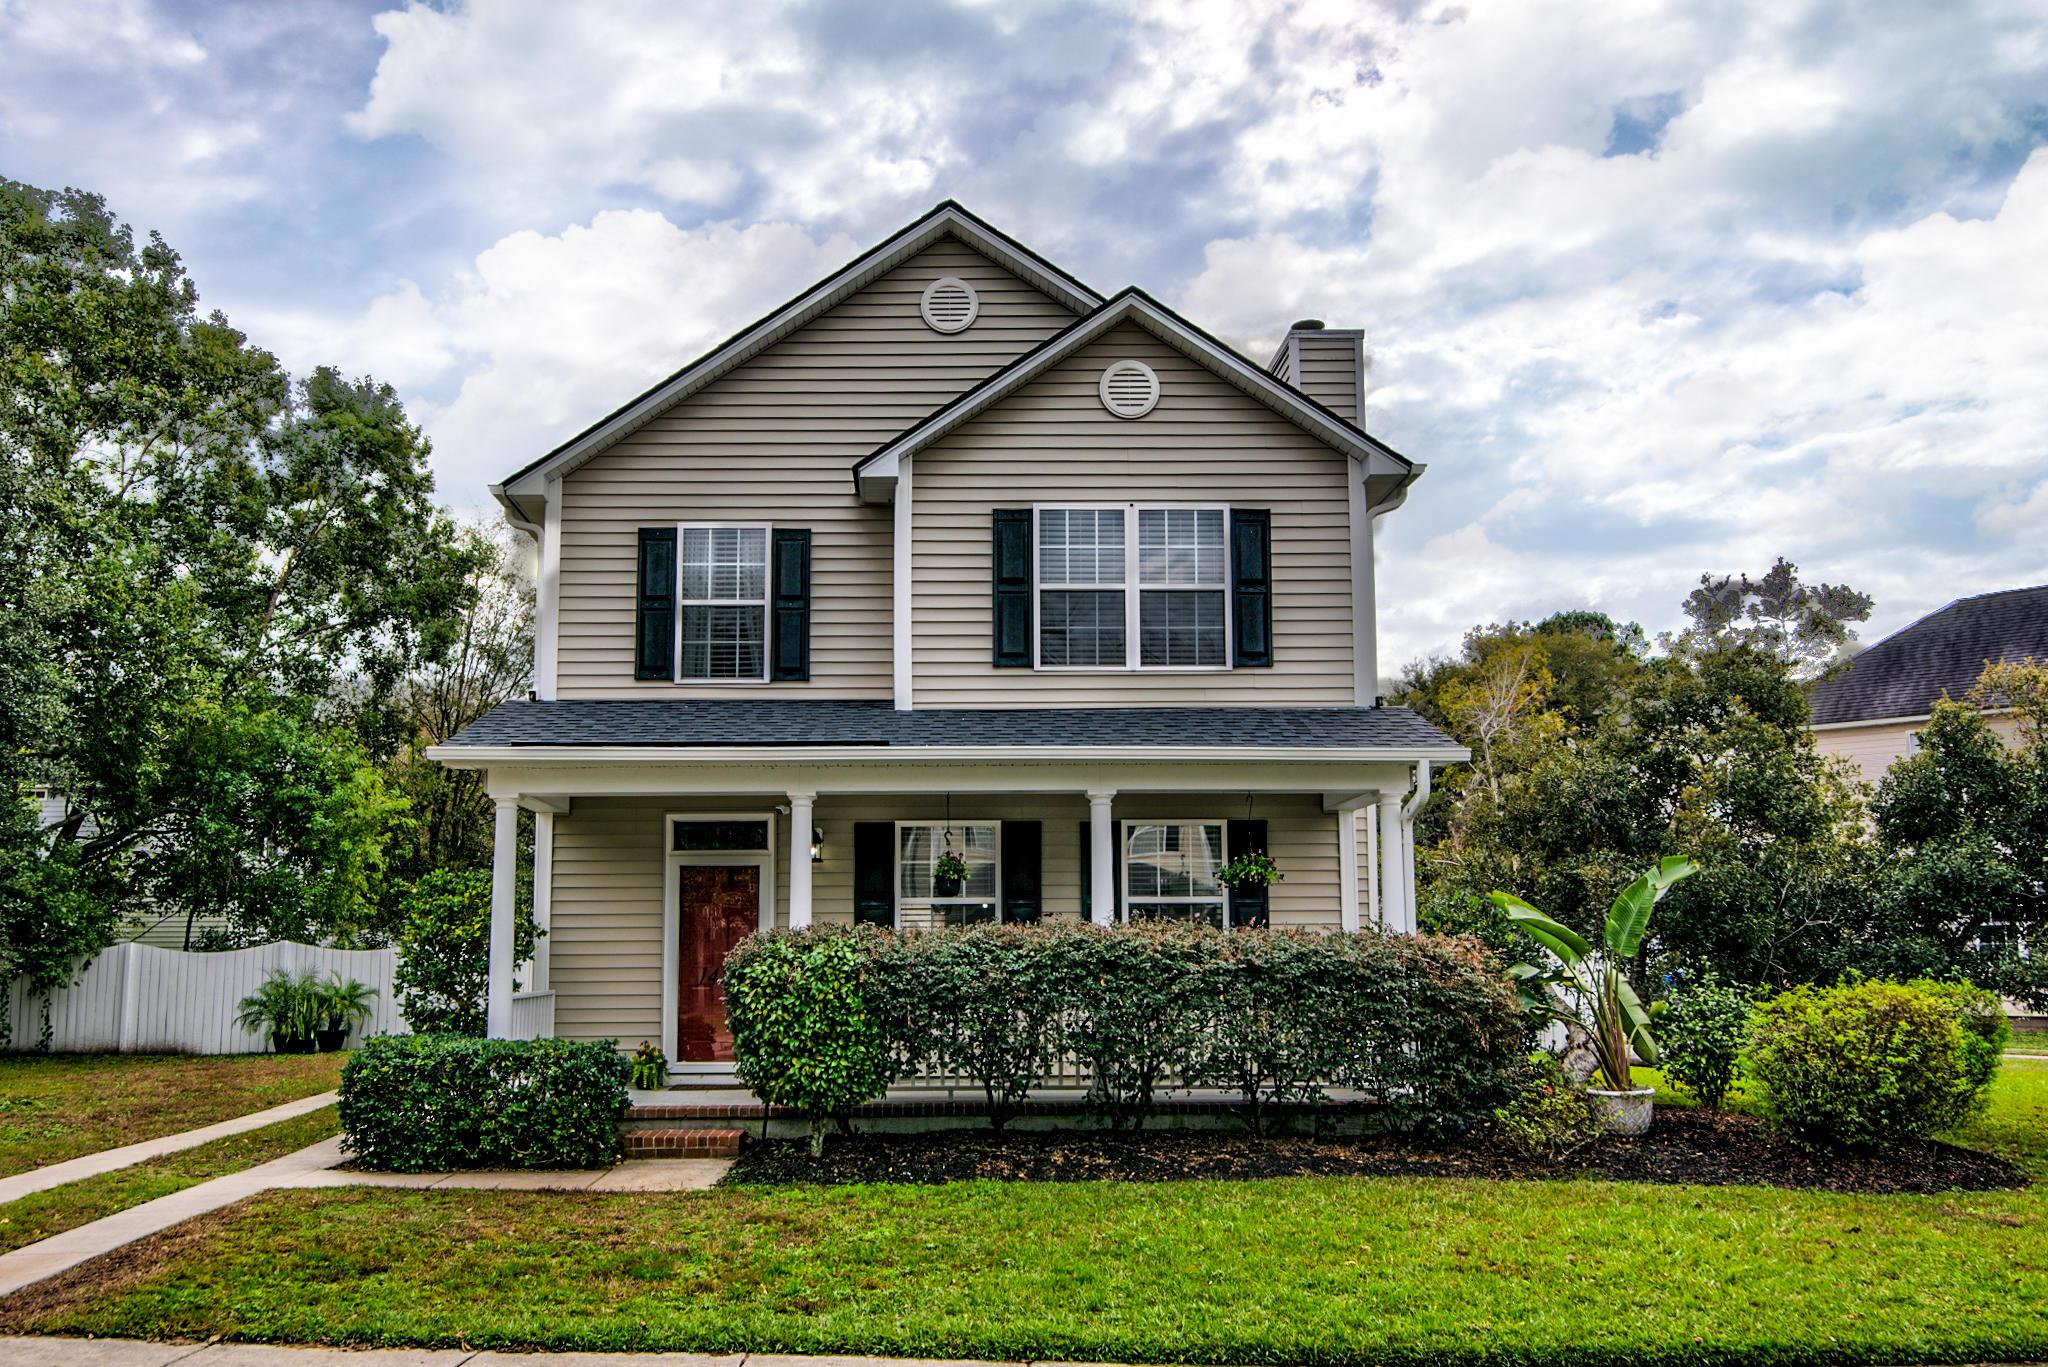 Jamestowne Village Homes For Sale - 1480 Swamp Fox, Charleston, SC - 19